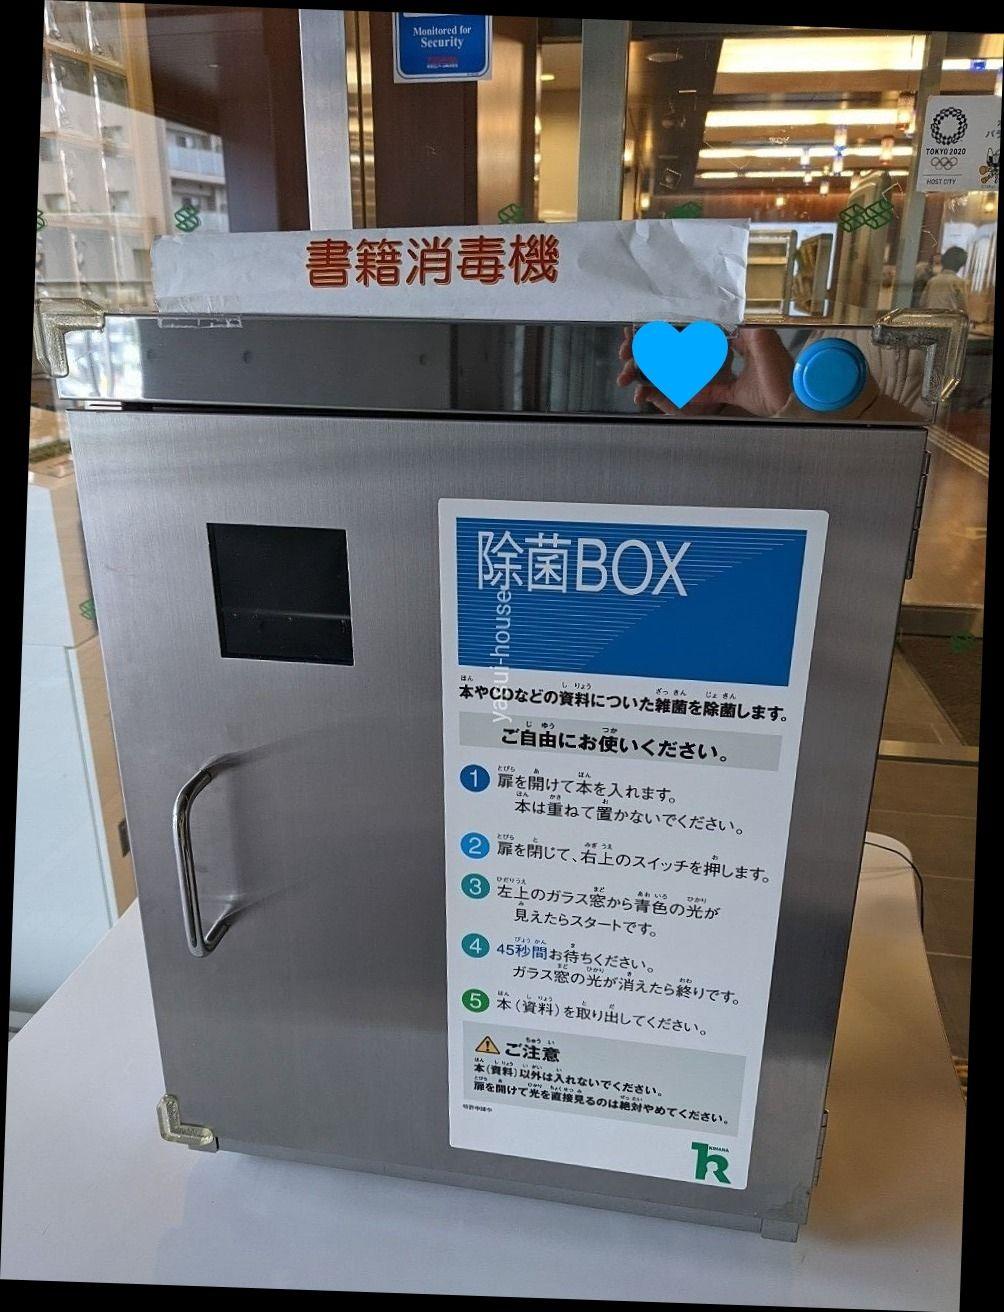 書籍消毒機 @ひきふね図書館